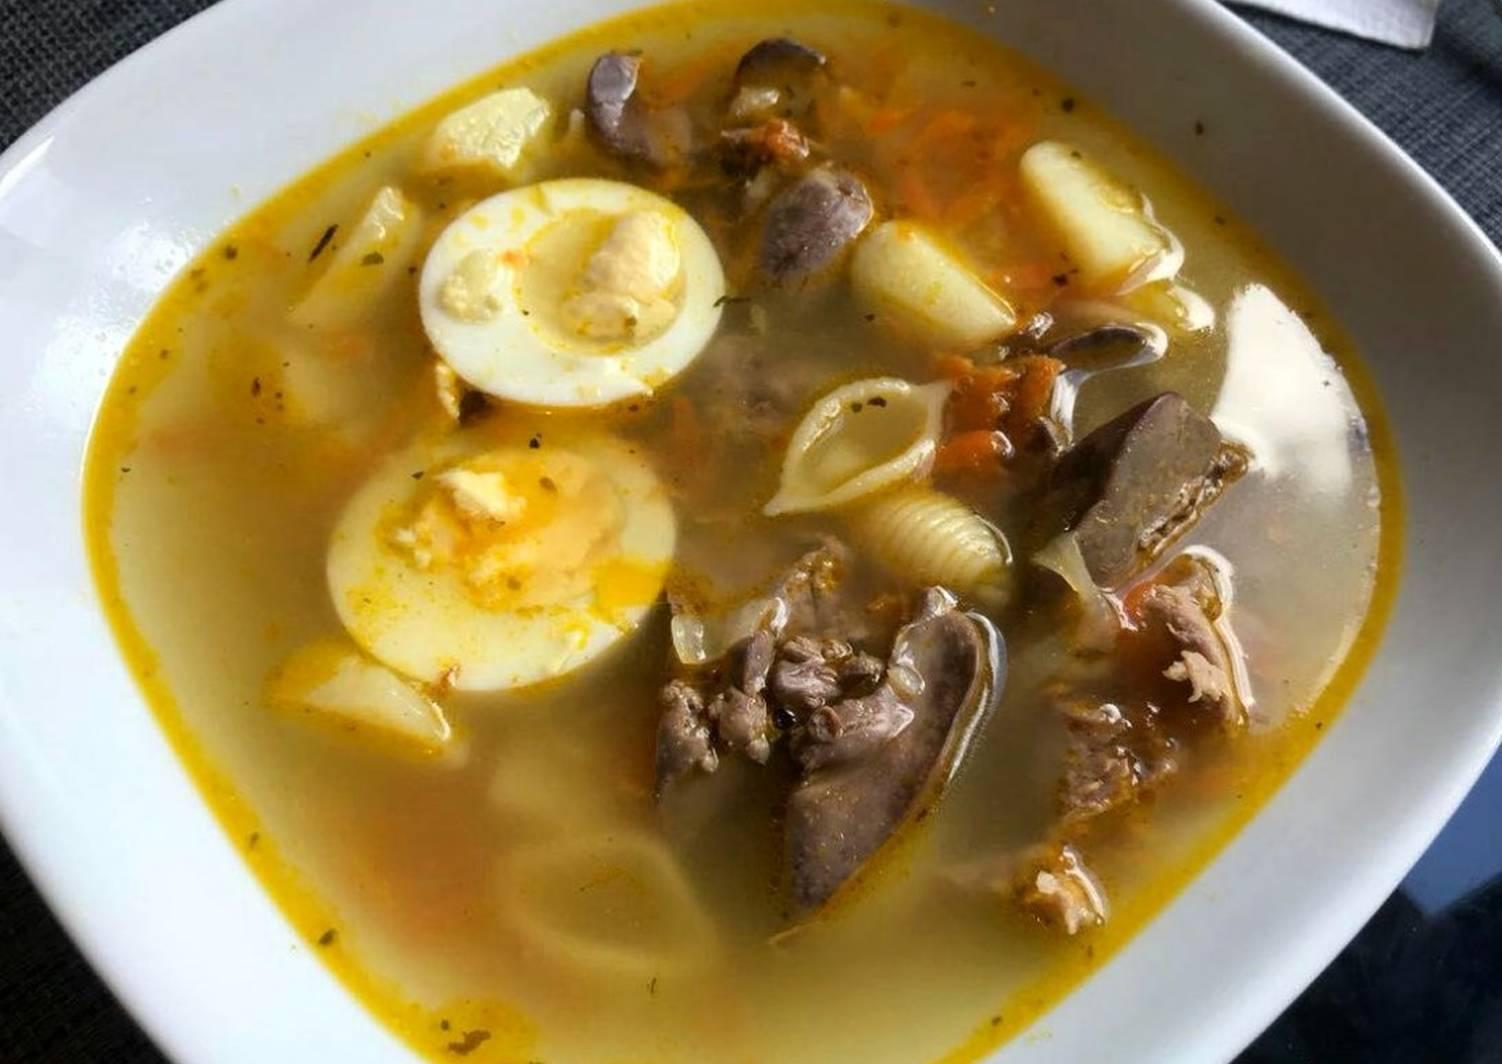 водоем суп из куриных потрохов рецепт с фото кнопку пожаловаться